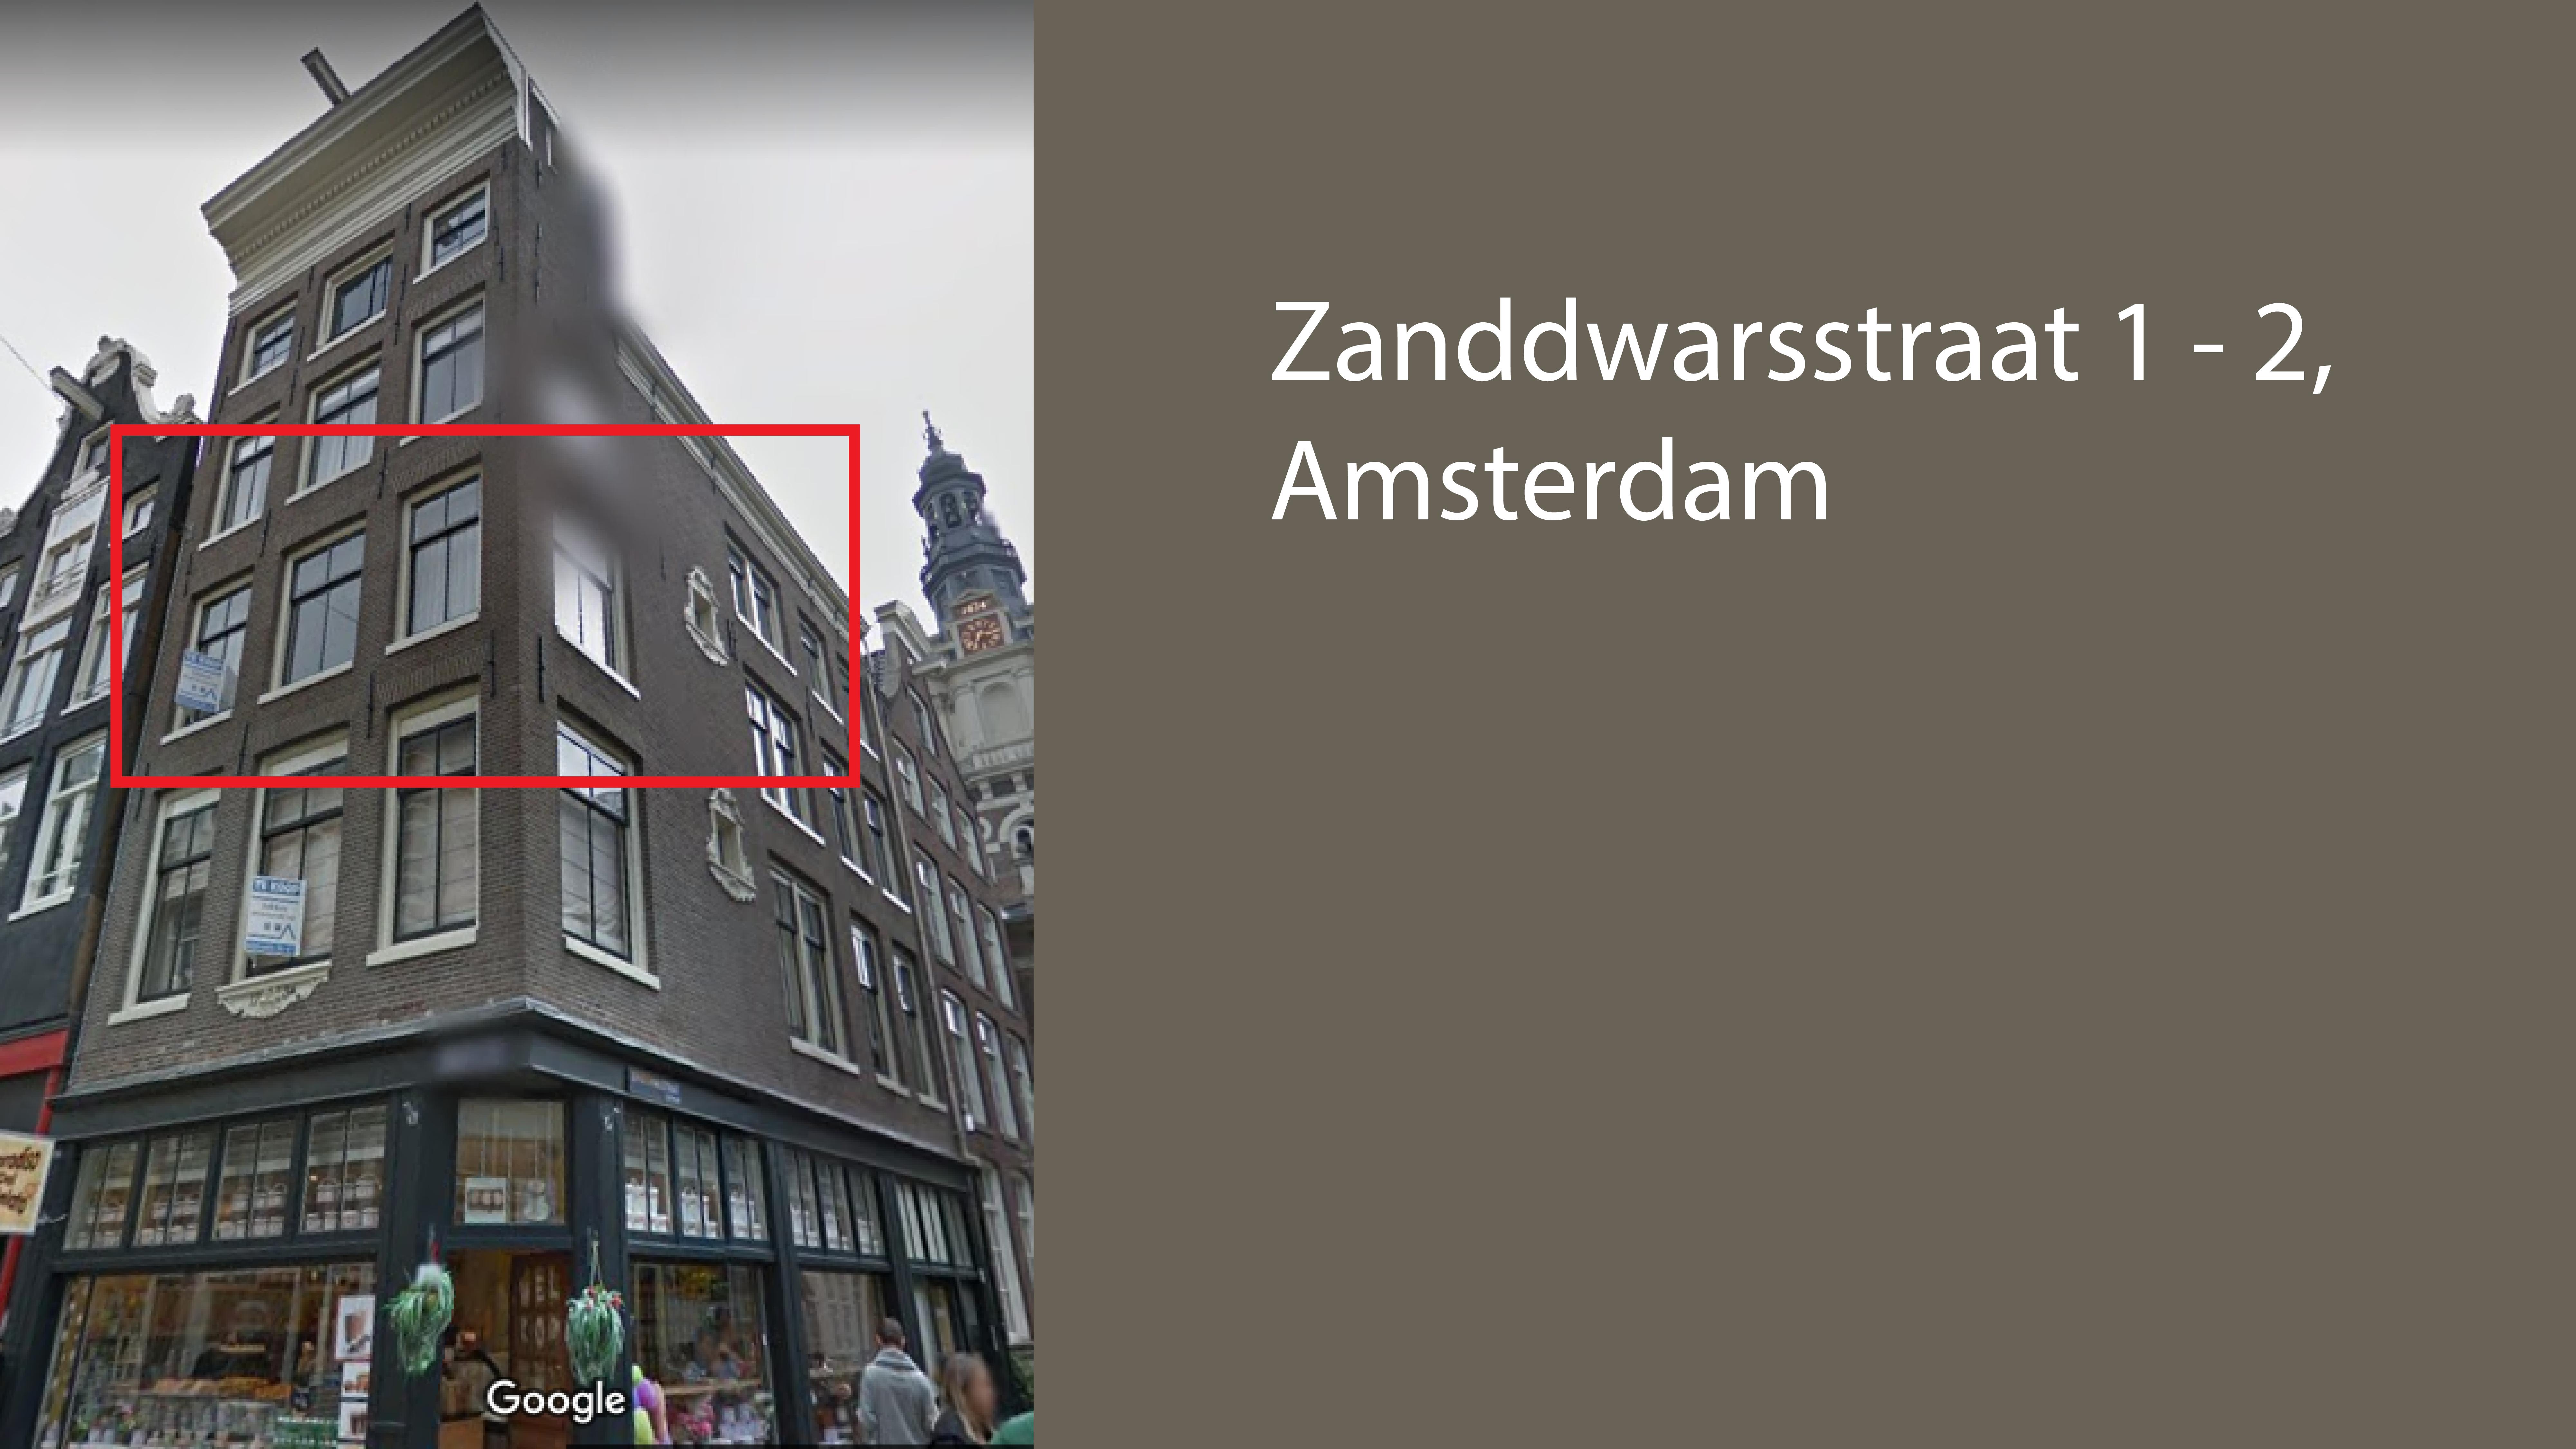 Zanddwarsstraat 1-2